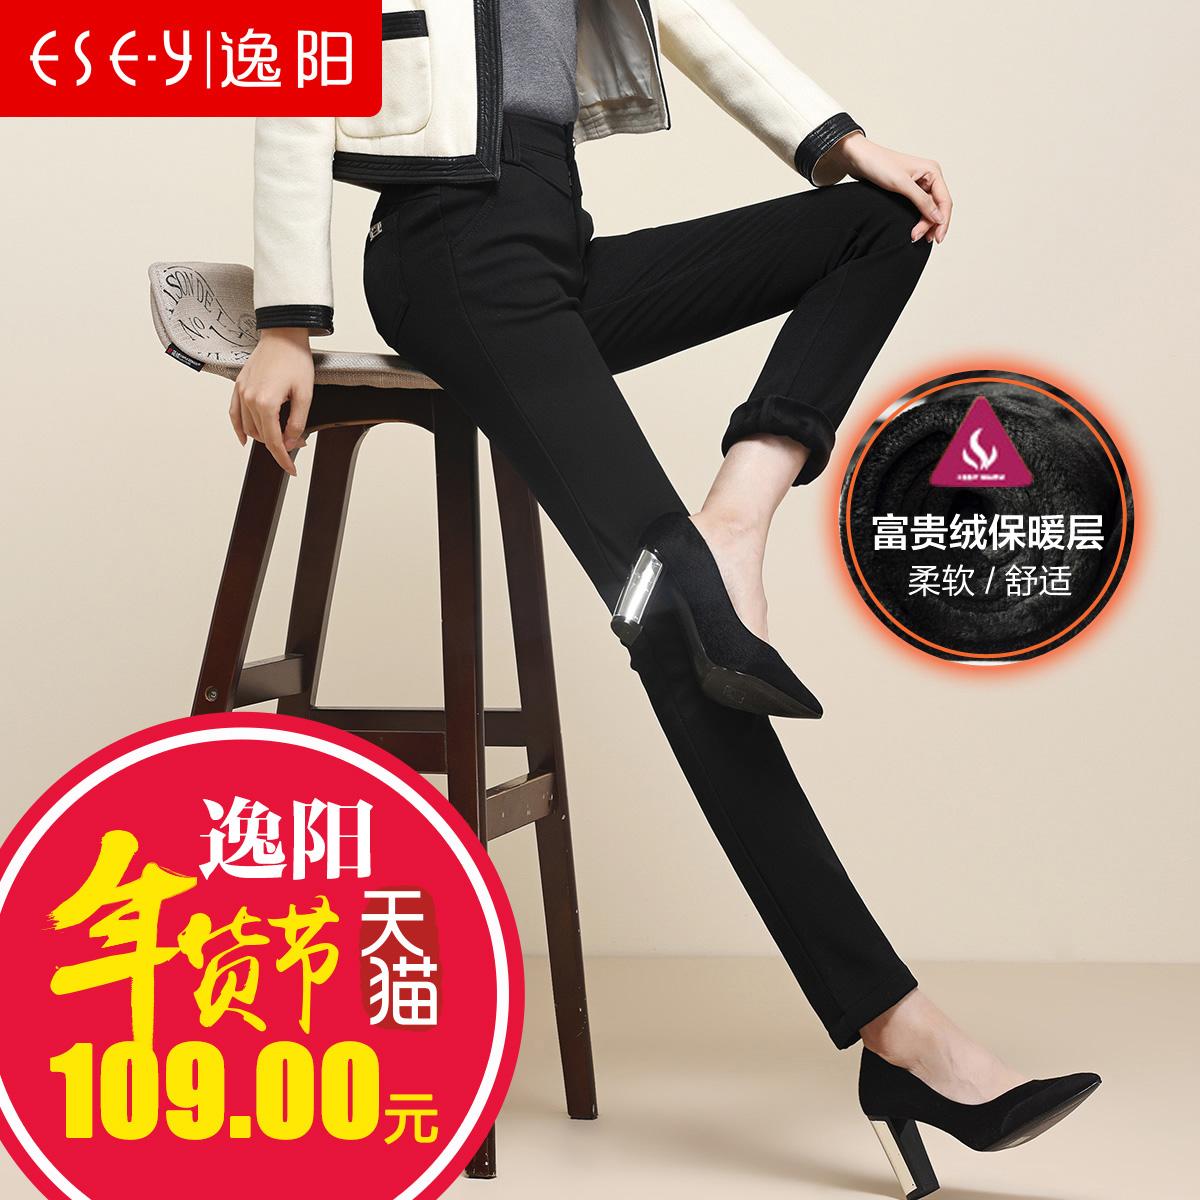 蓓菲服饰专营店_ESE·Y/逸阳品牌